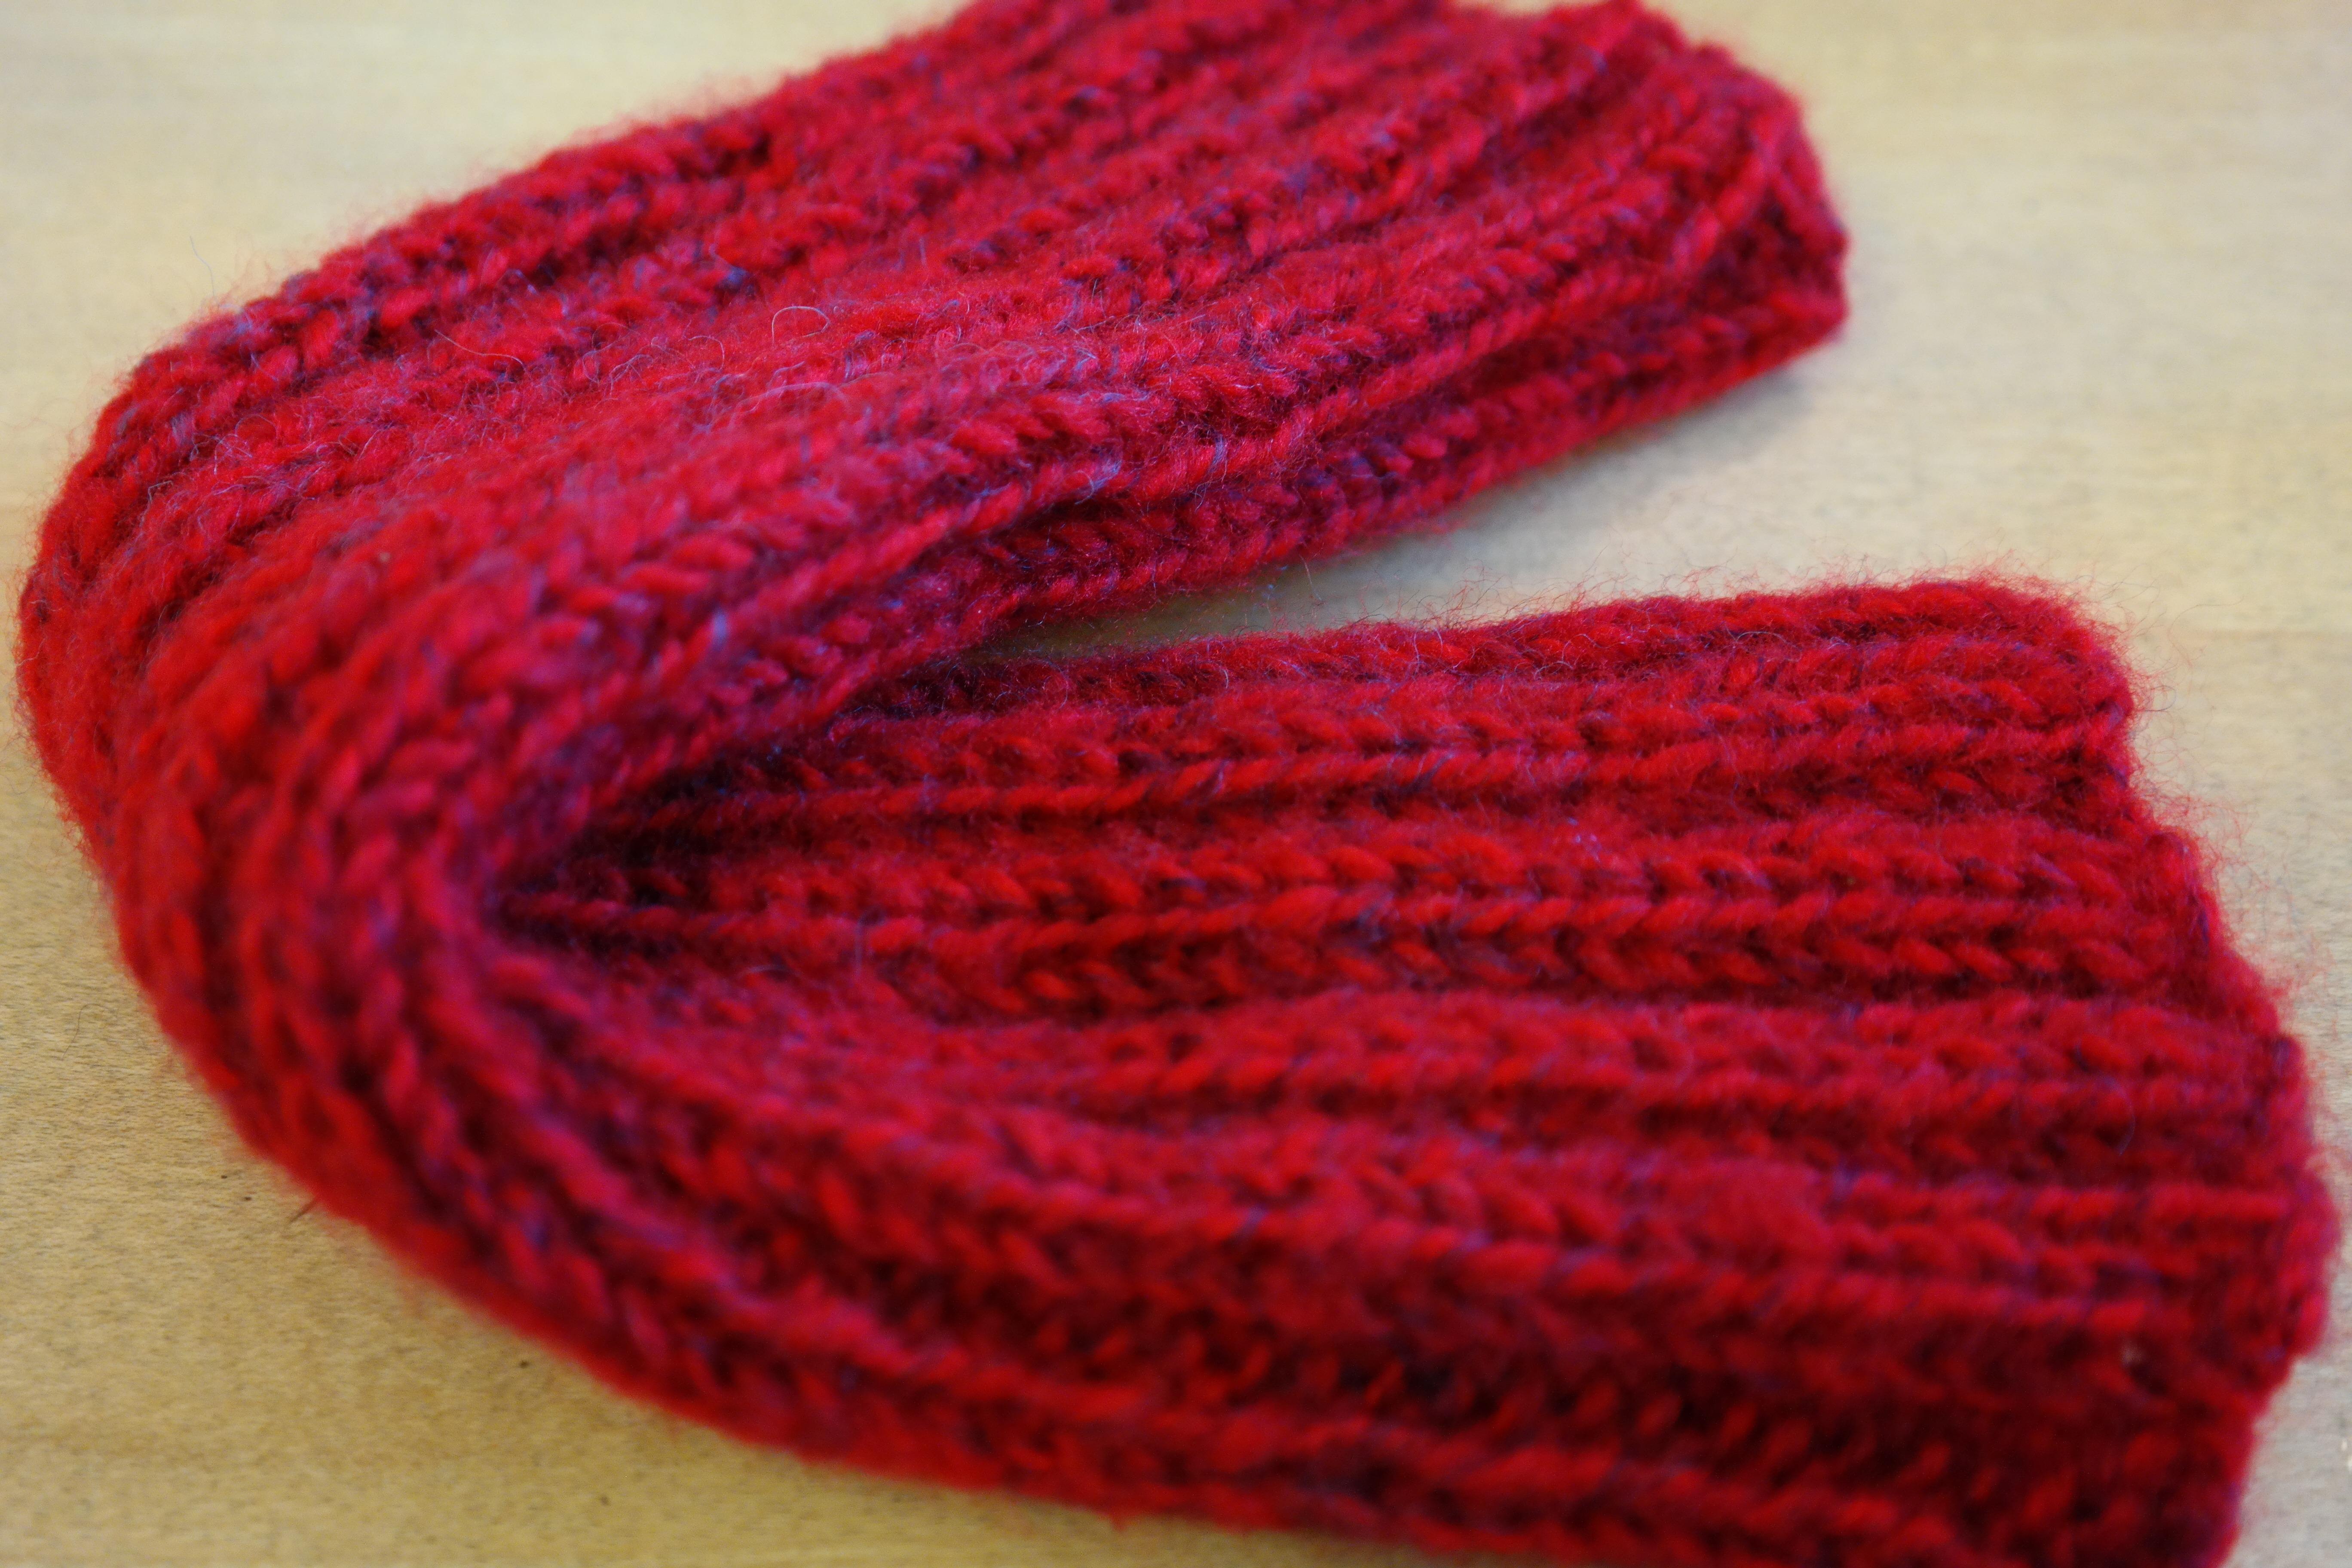 Fotos gratis : rojo, ropa, material, prenda, hilo, de lana, tejer ...